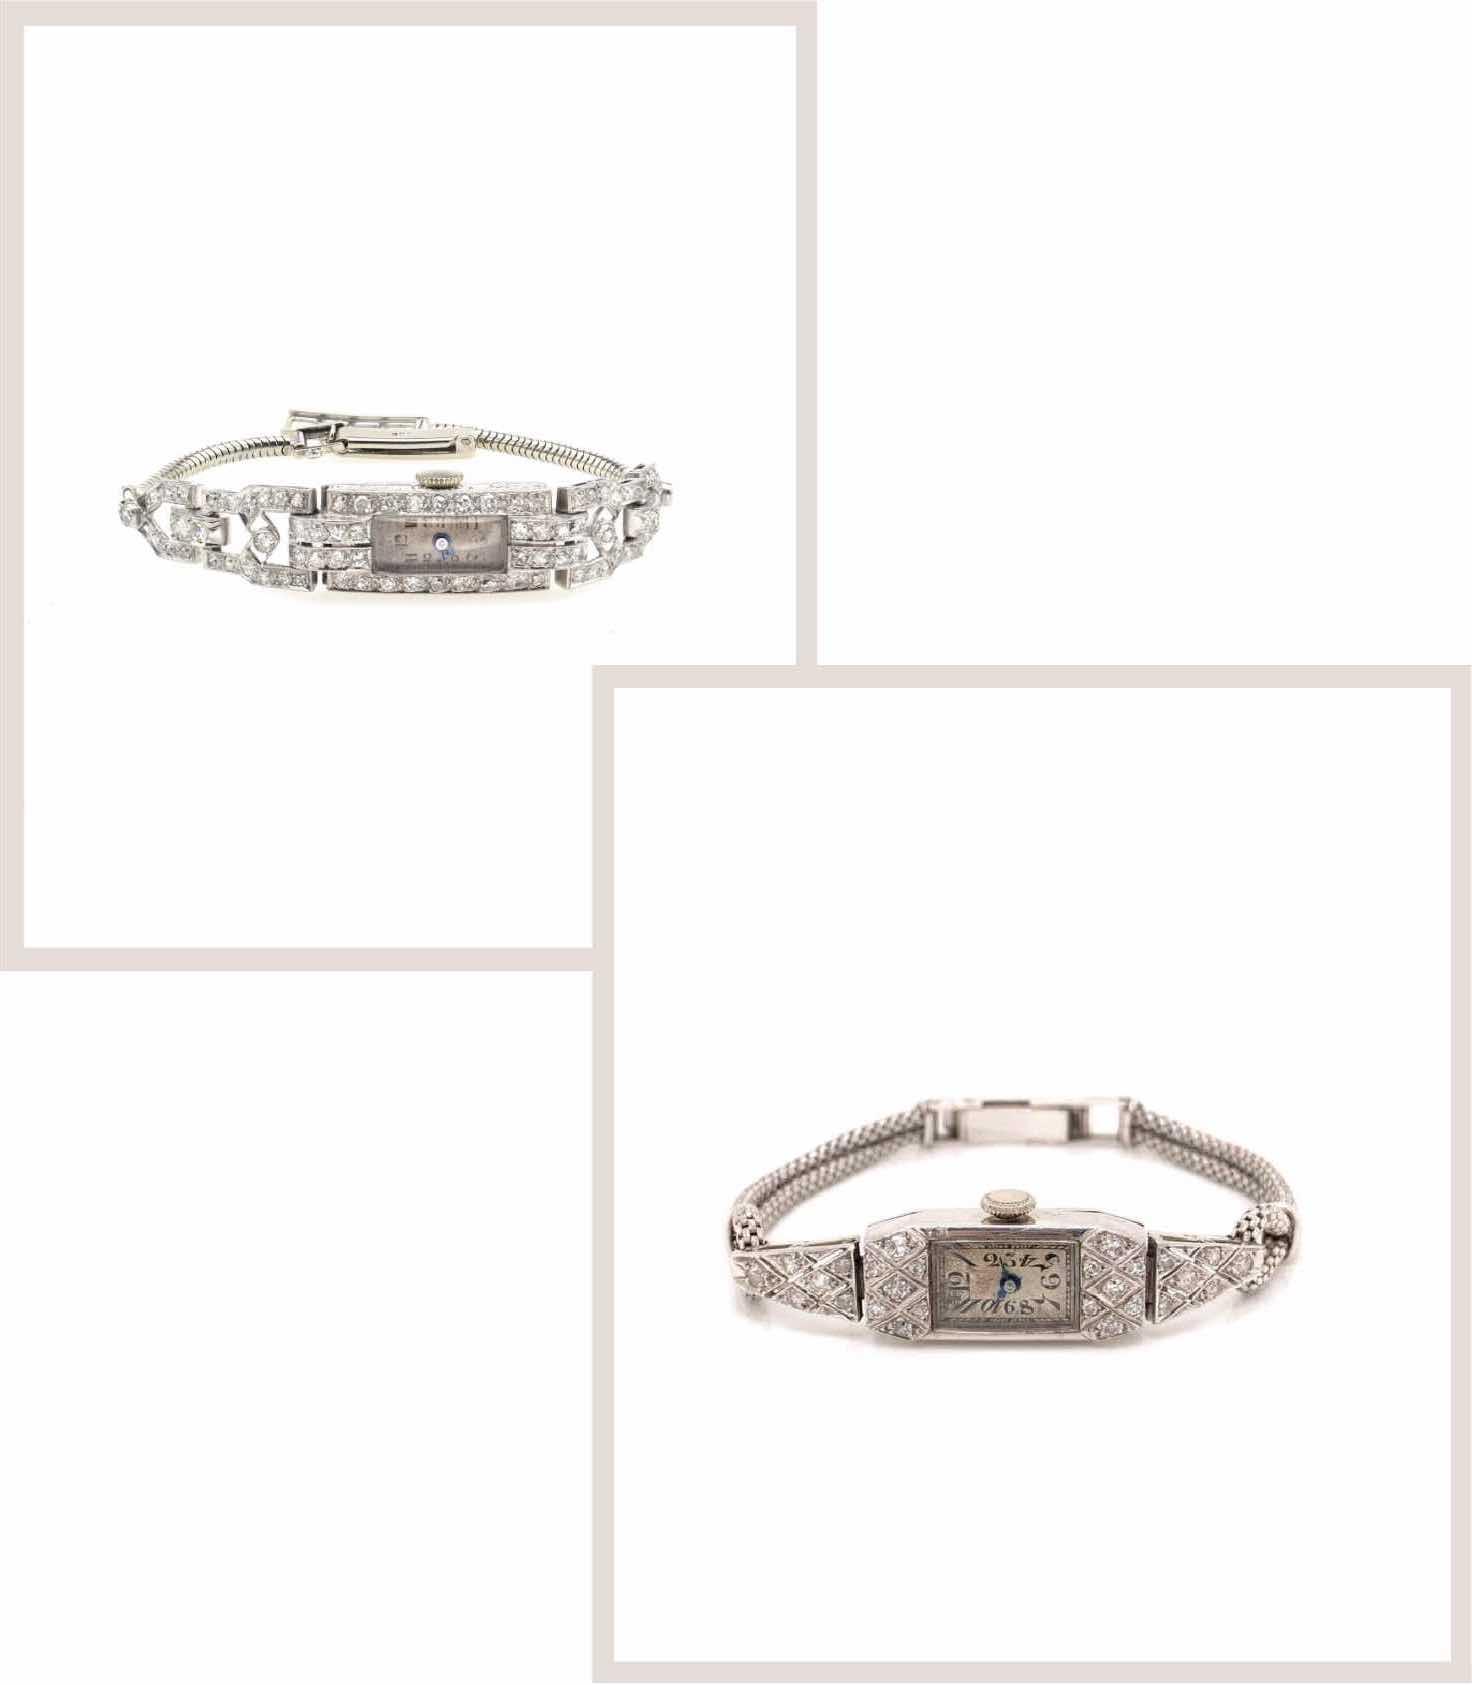 montres diamants art déco